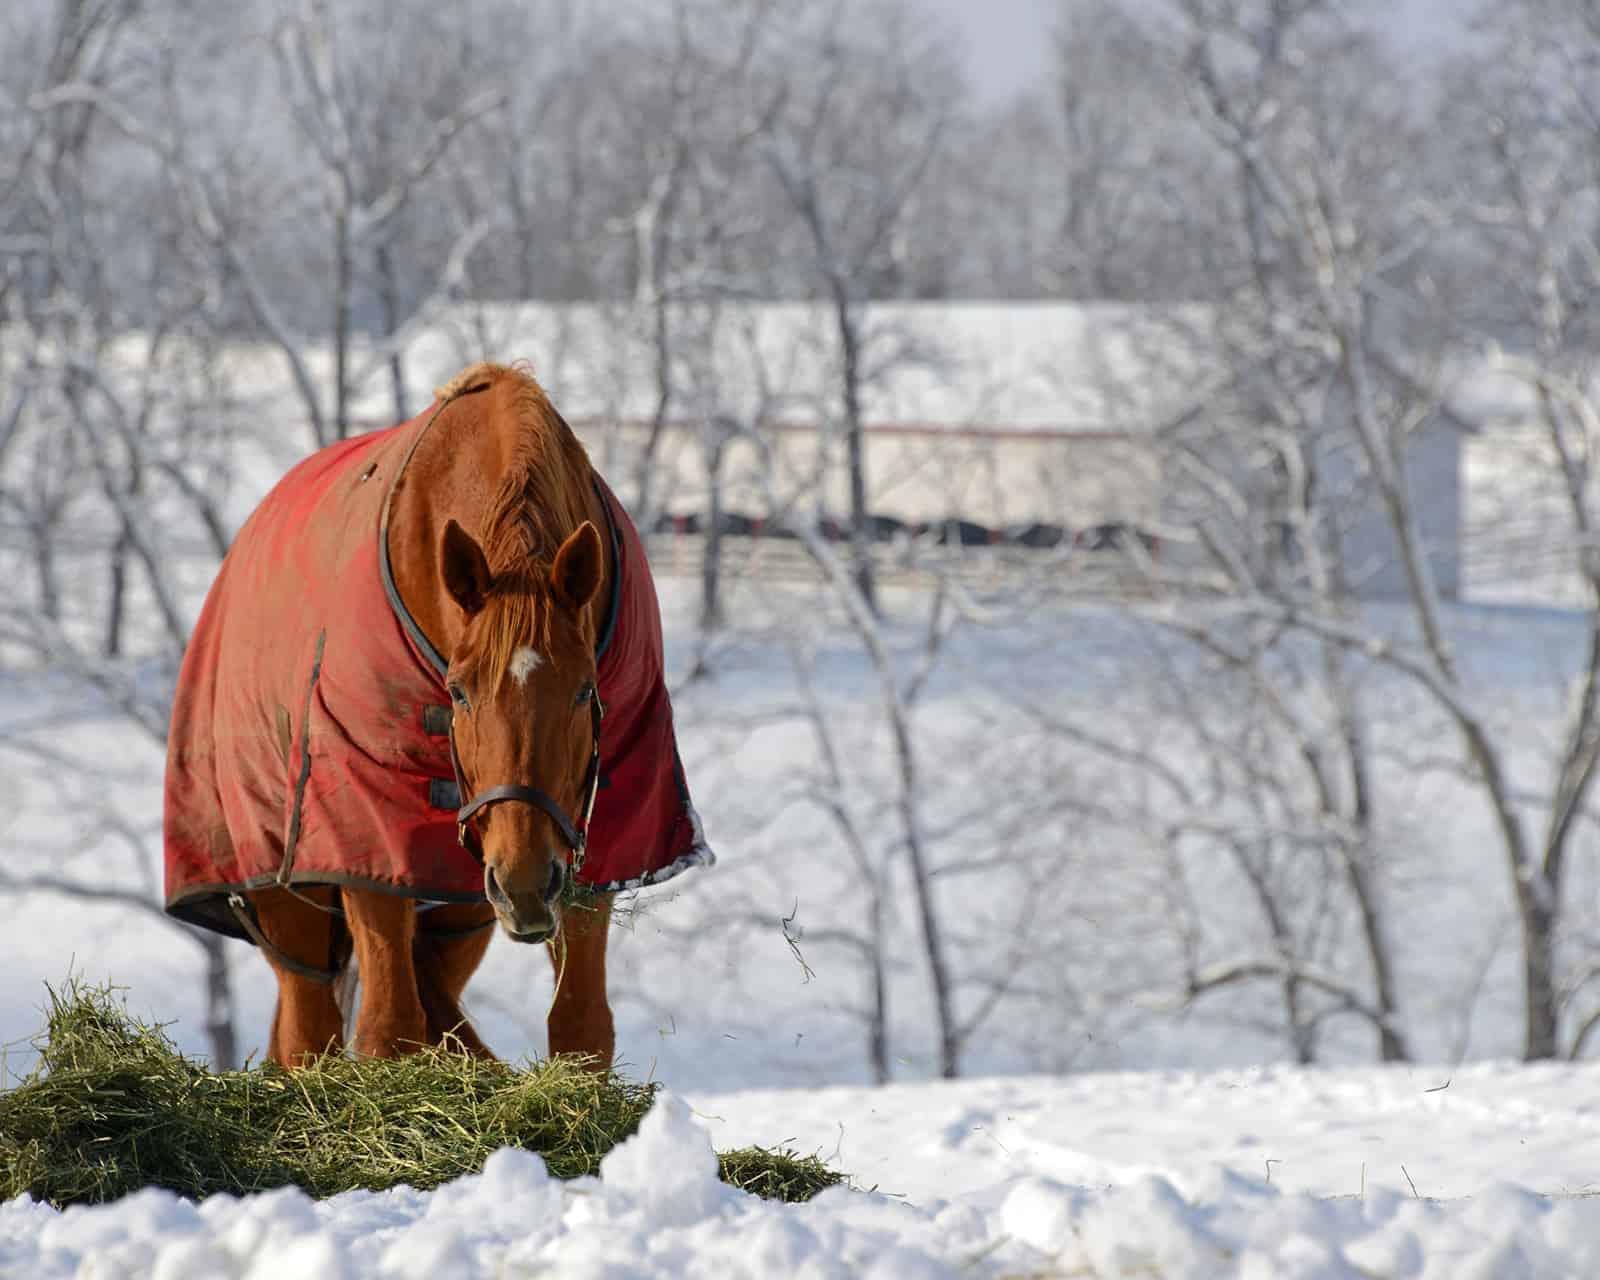 Horse eating hay in snowy field